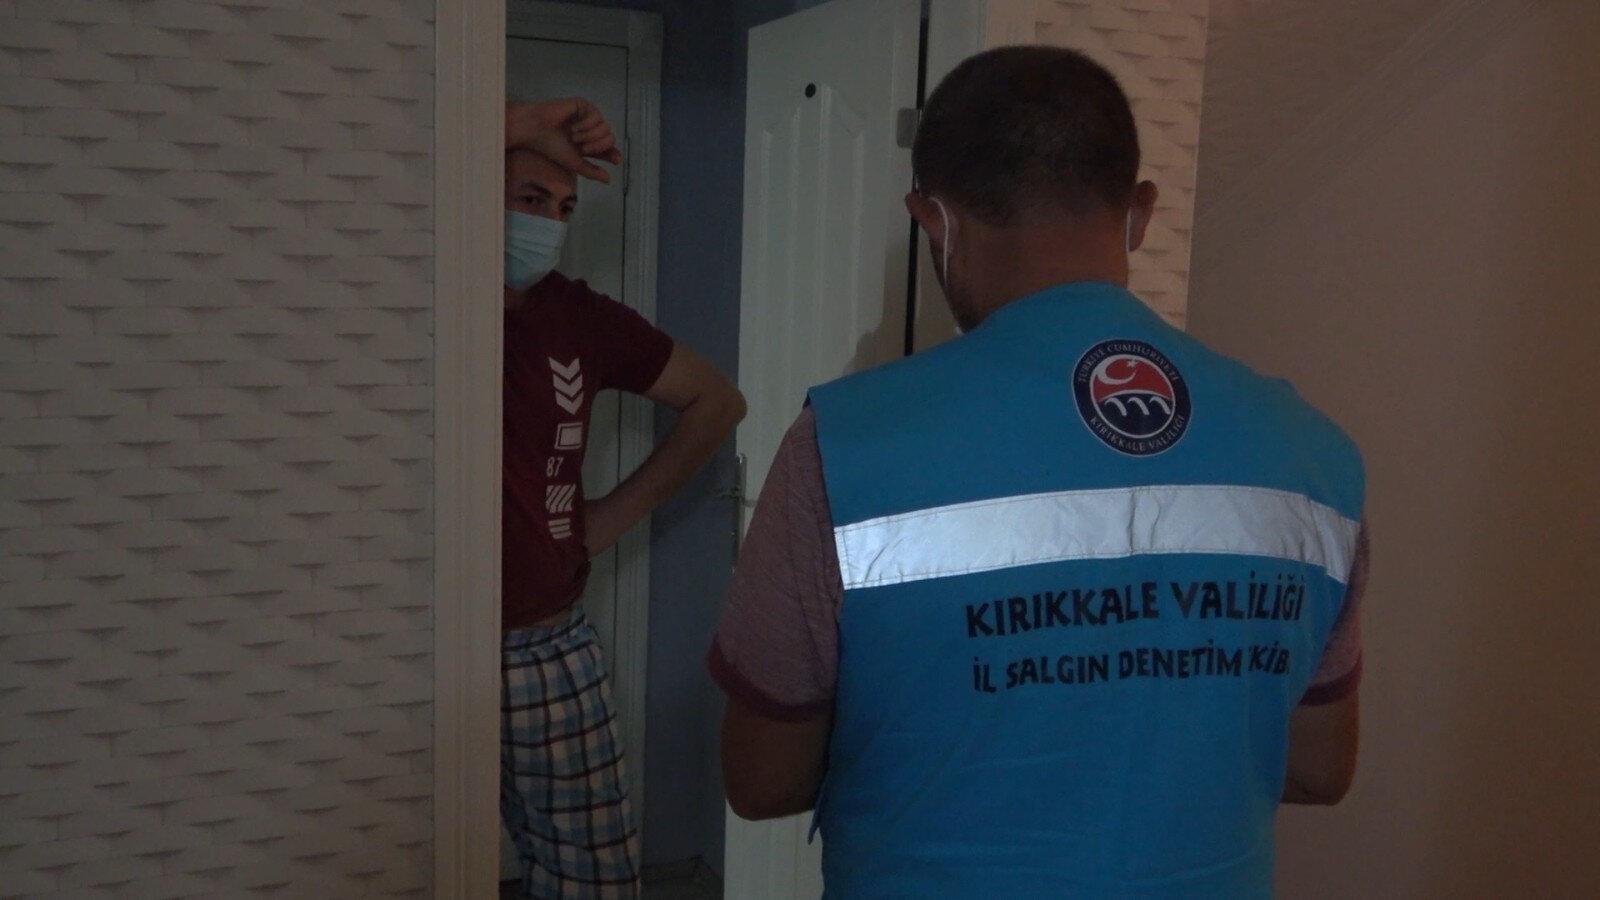 Otel odasında tespit edilen korona virüs hastasına 4 bin 50'şer lira idari para cezası uygulandı.